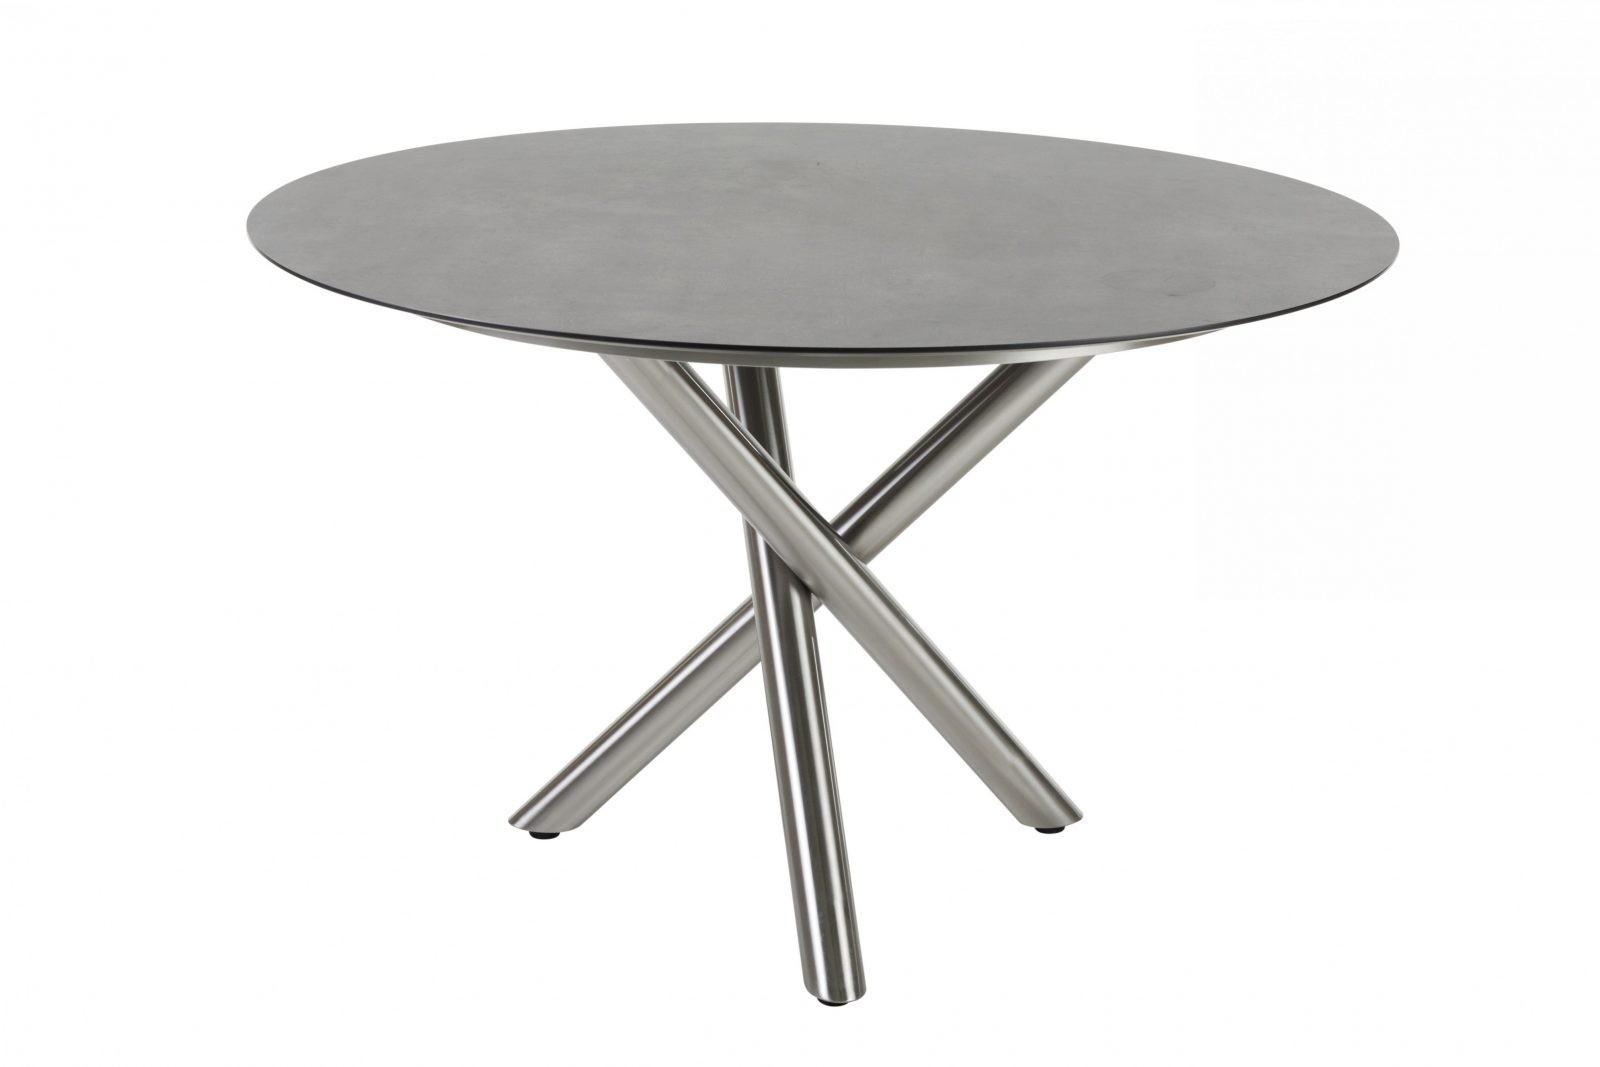 41 Perfekt Tisch Rund 80 Cm Für Ihre Dekor Inspirationen  Tische Ideen von Gartentisch Rund 80 Cm Durchmesser Bild